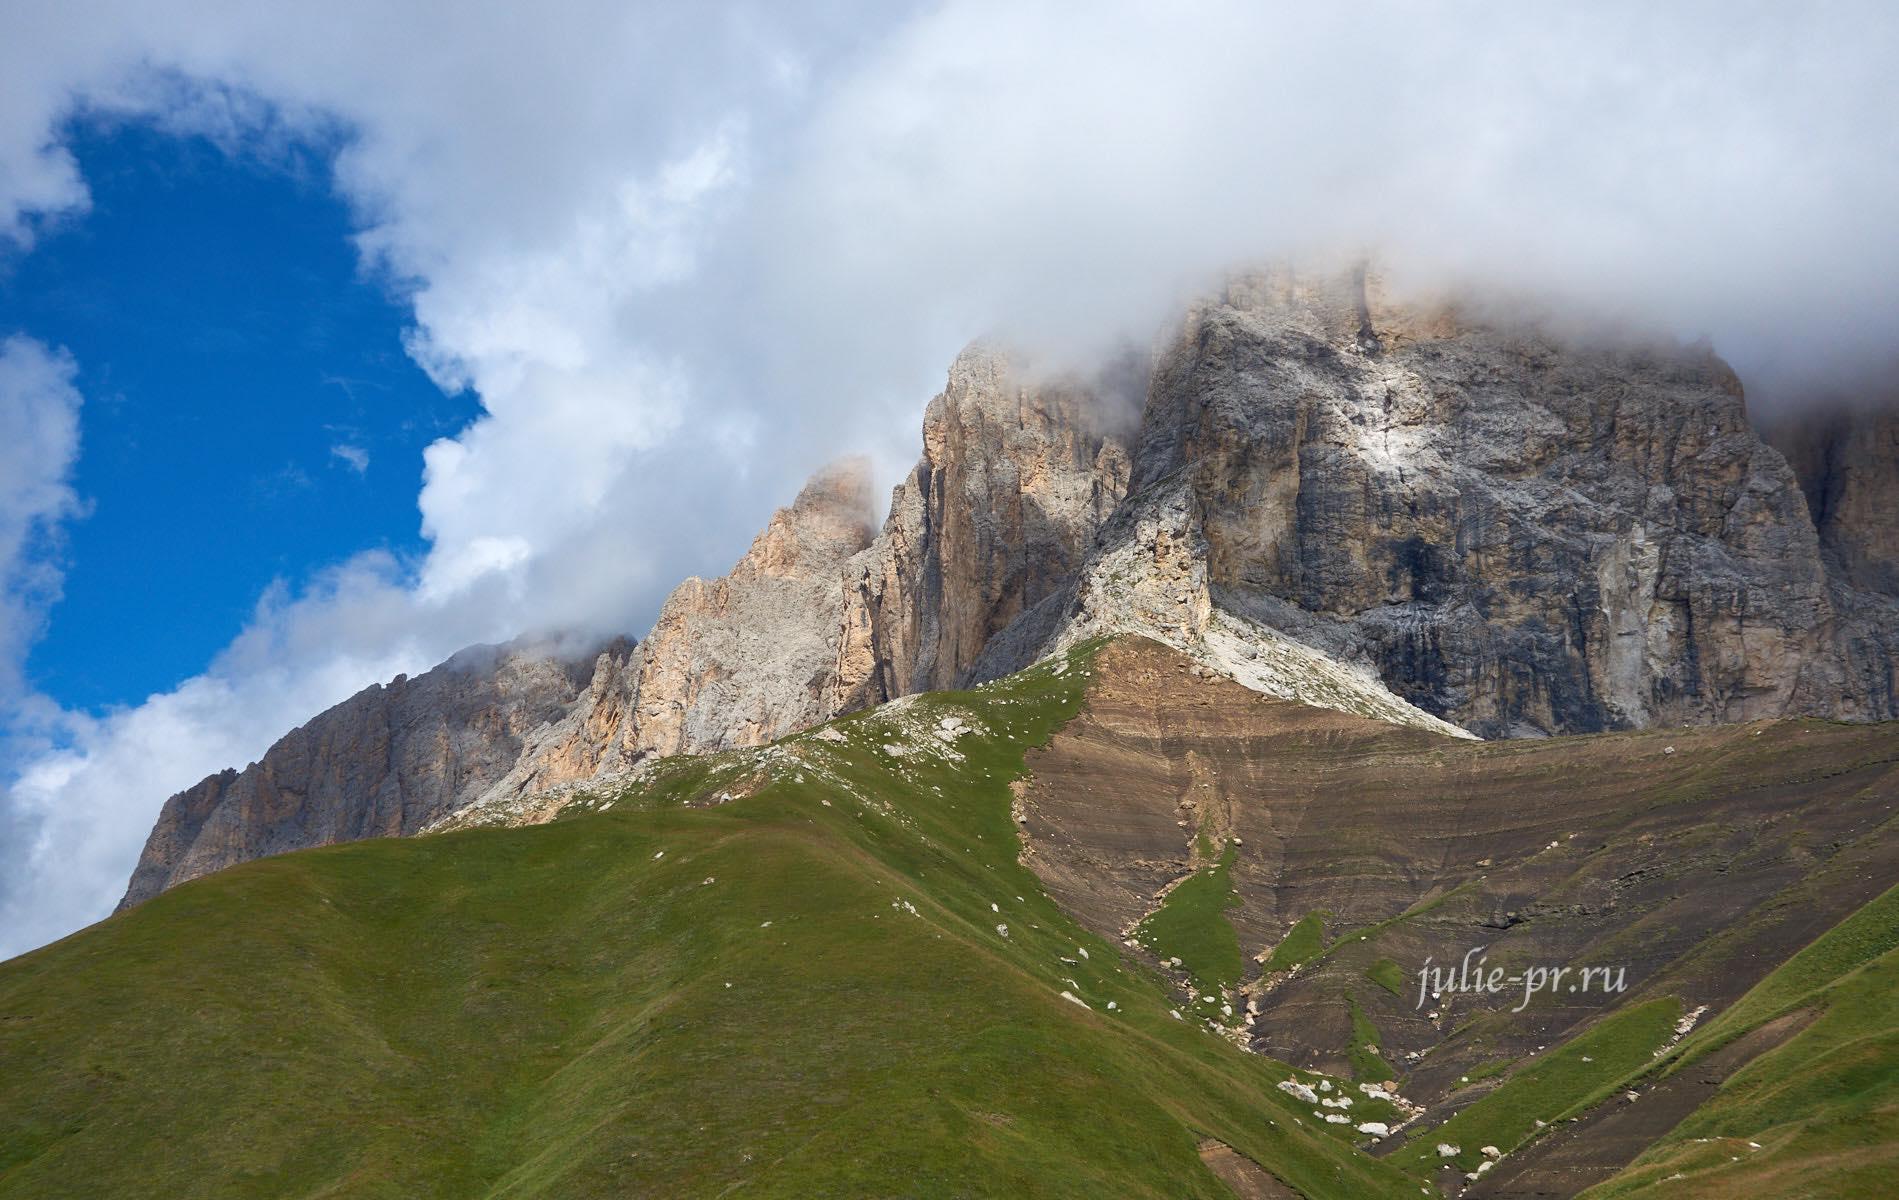 Италия, Альпы, Доломиты, Sassolungo